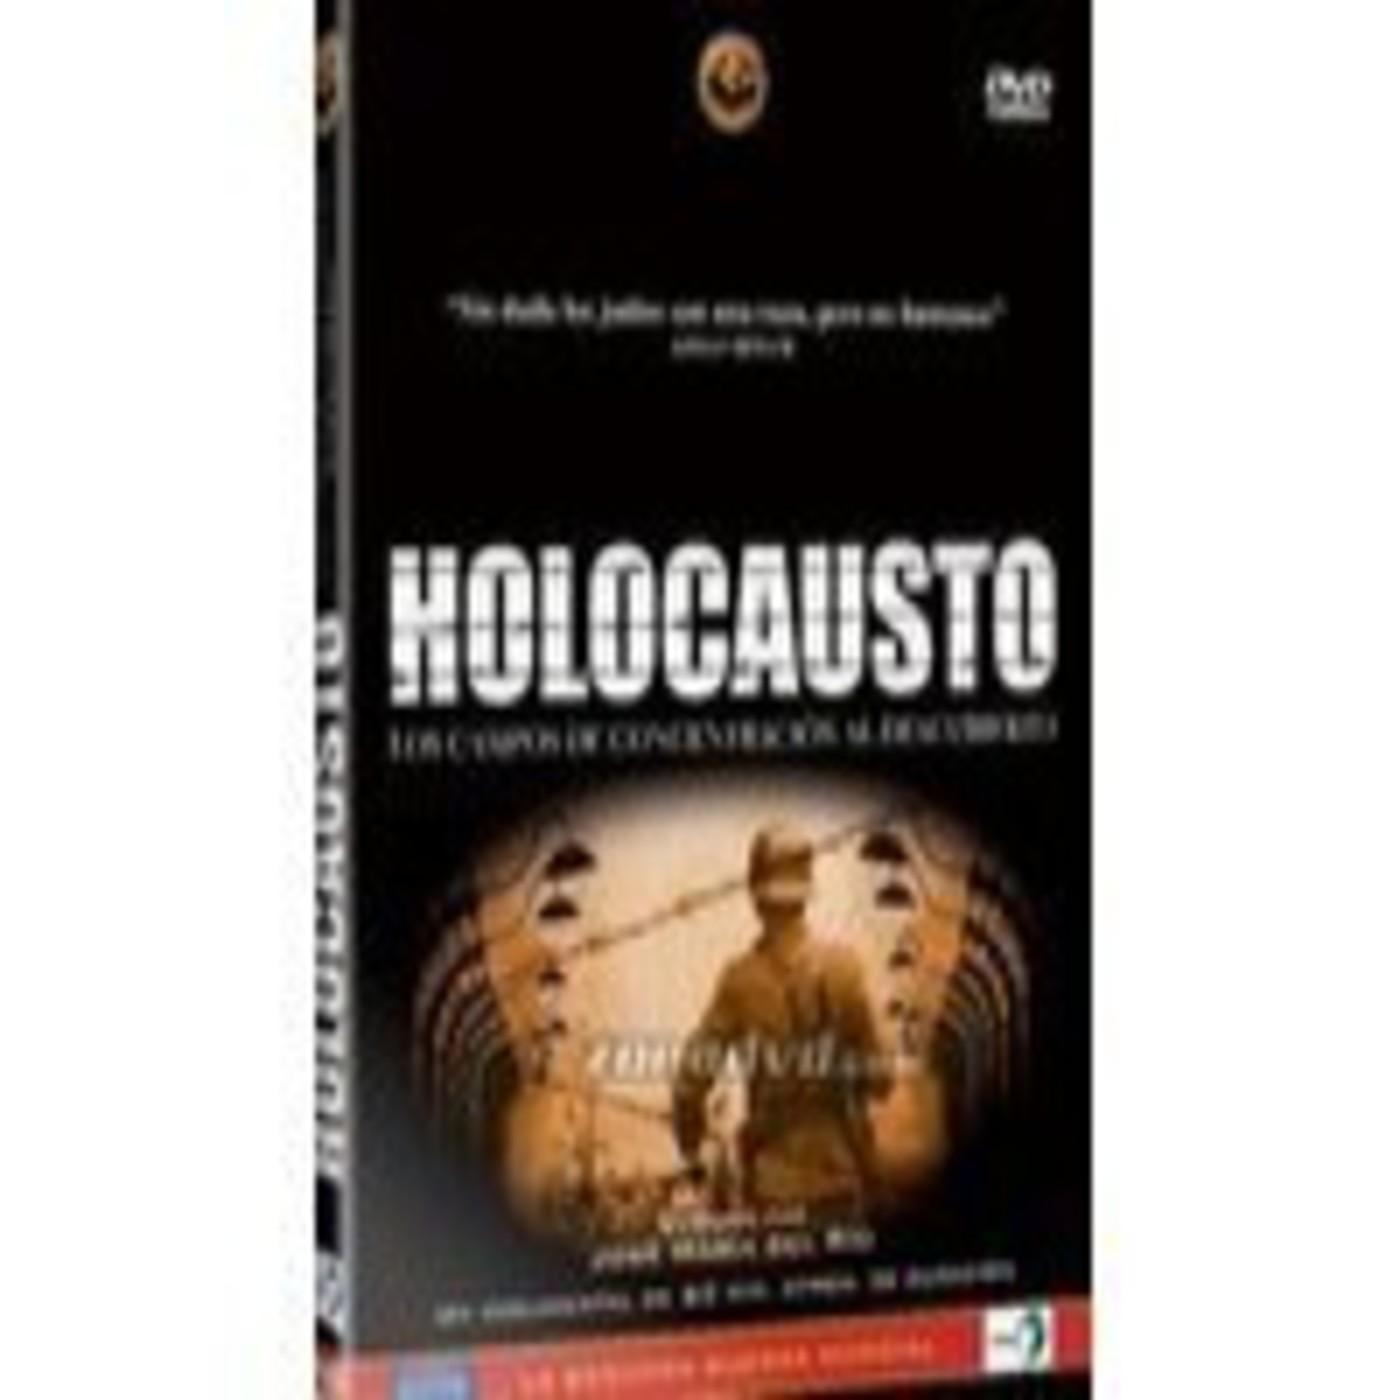 El Holocausto Nazi (1de6): Invasión